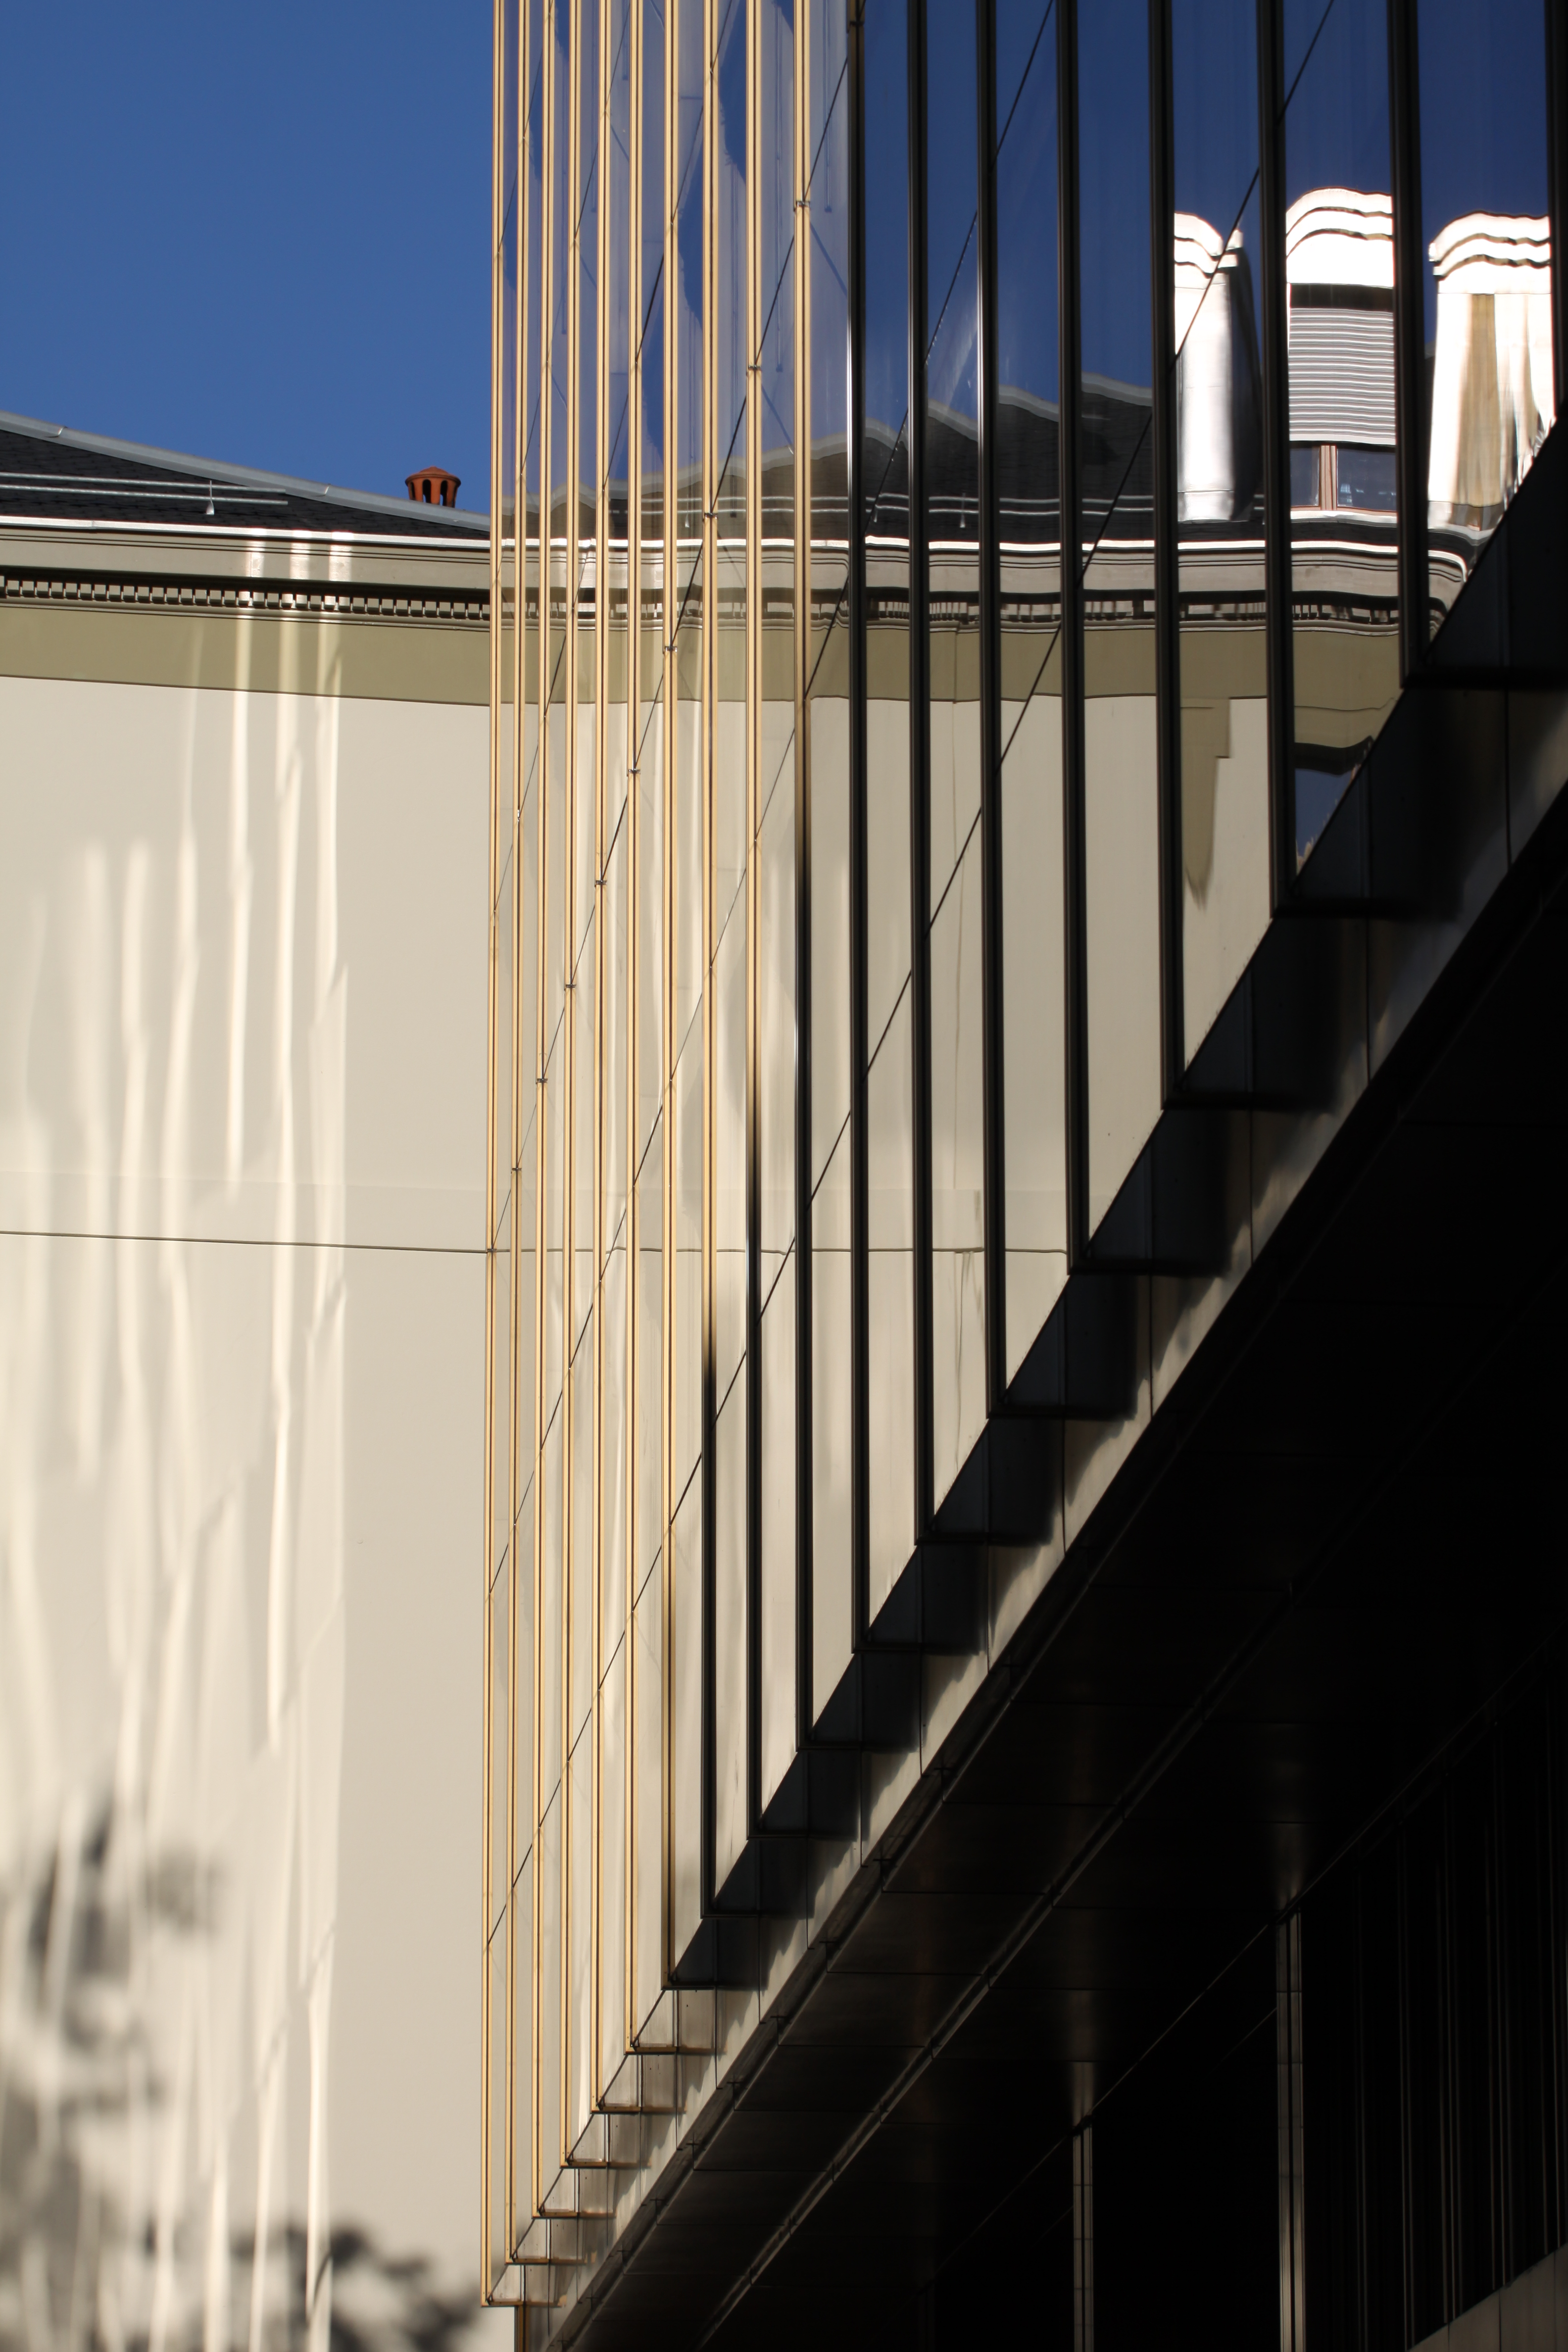 reflet d'un immeuble dans la parois vitrée d'un autre immeuble